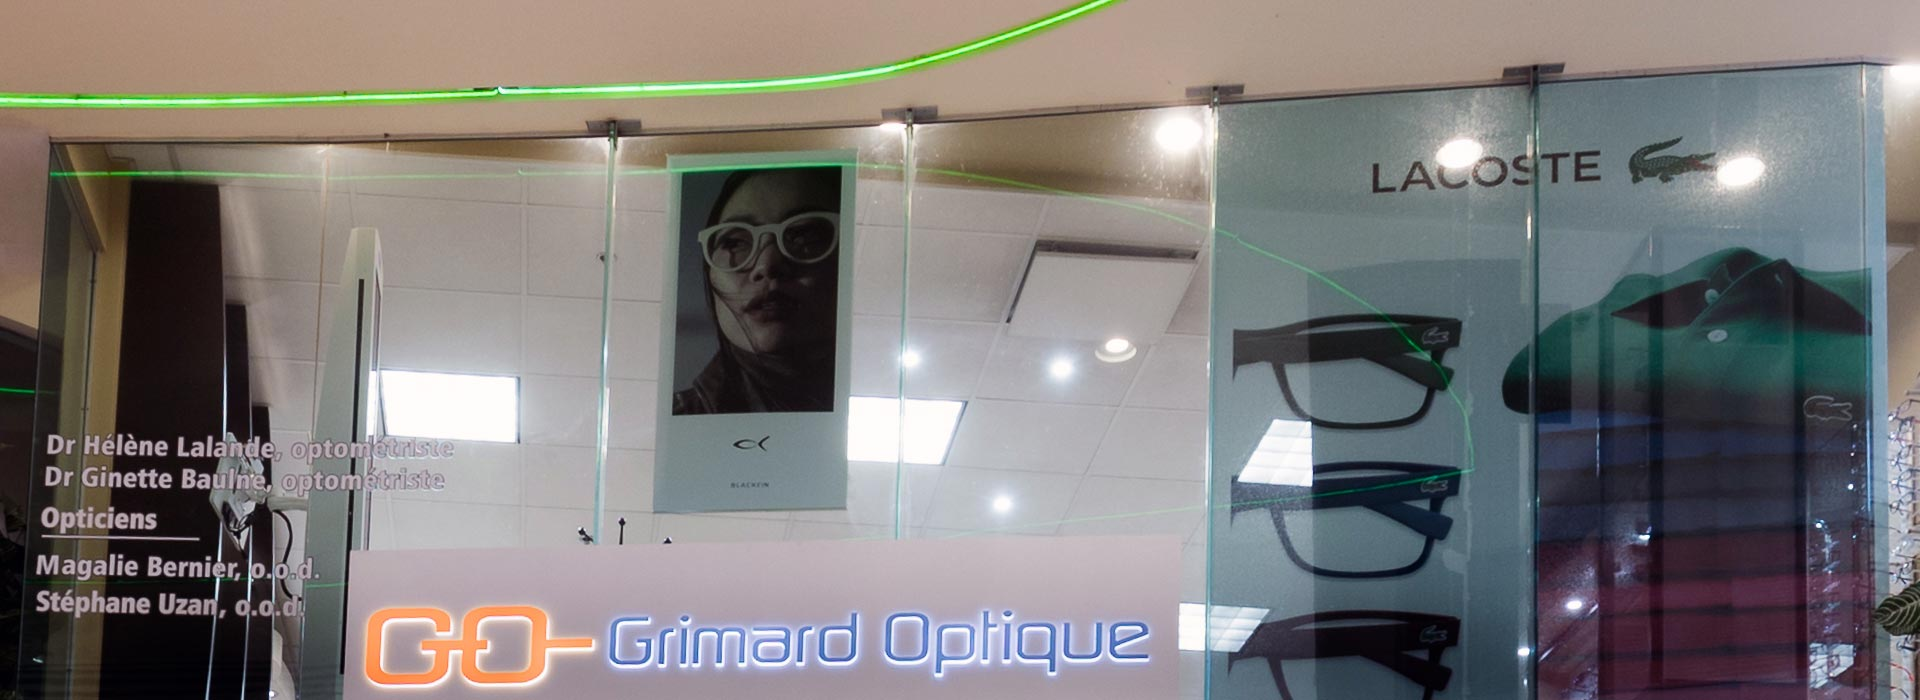 Grimard Optique lunetterie succursale Place Versailles